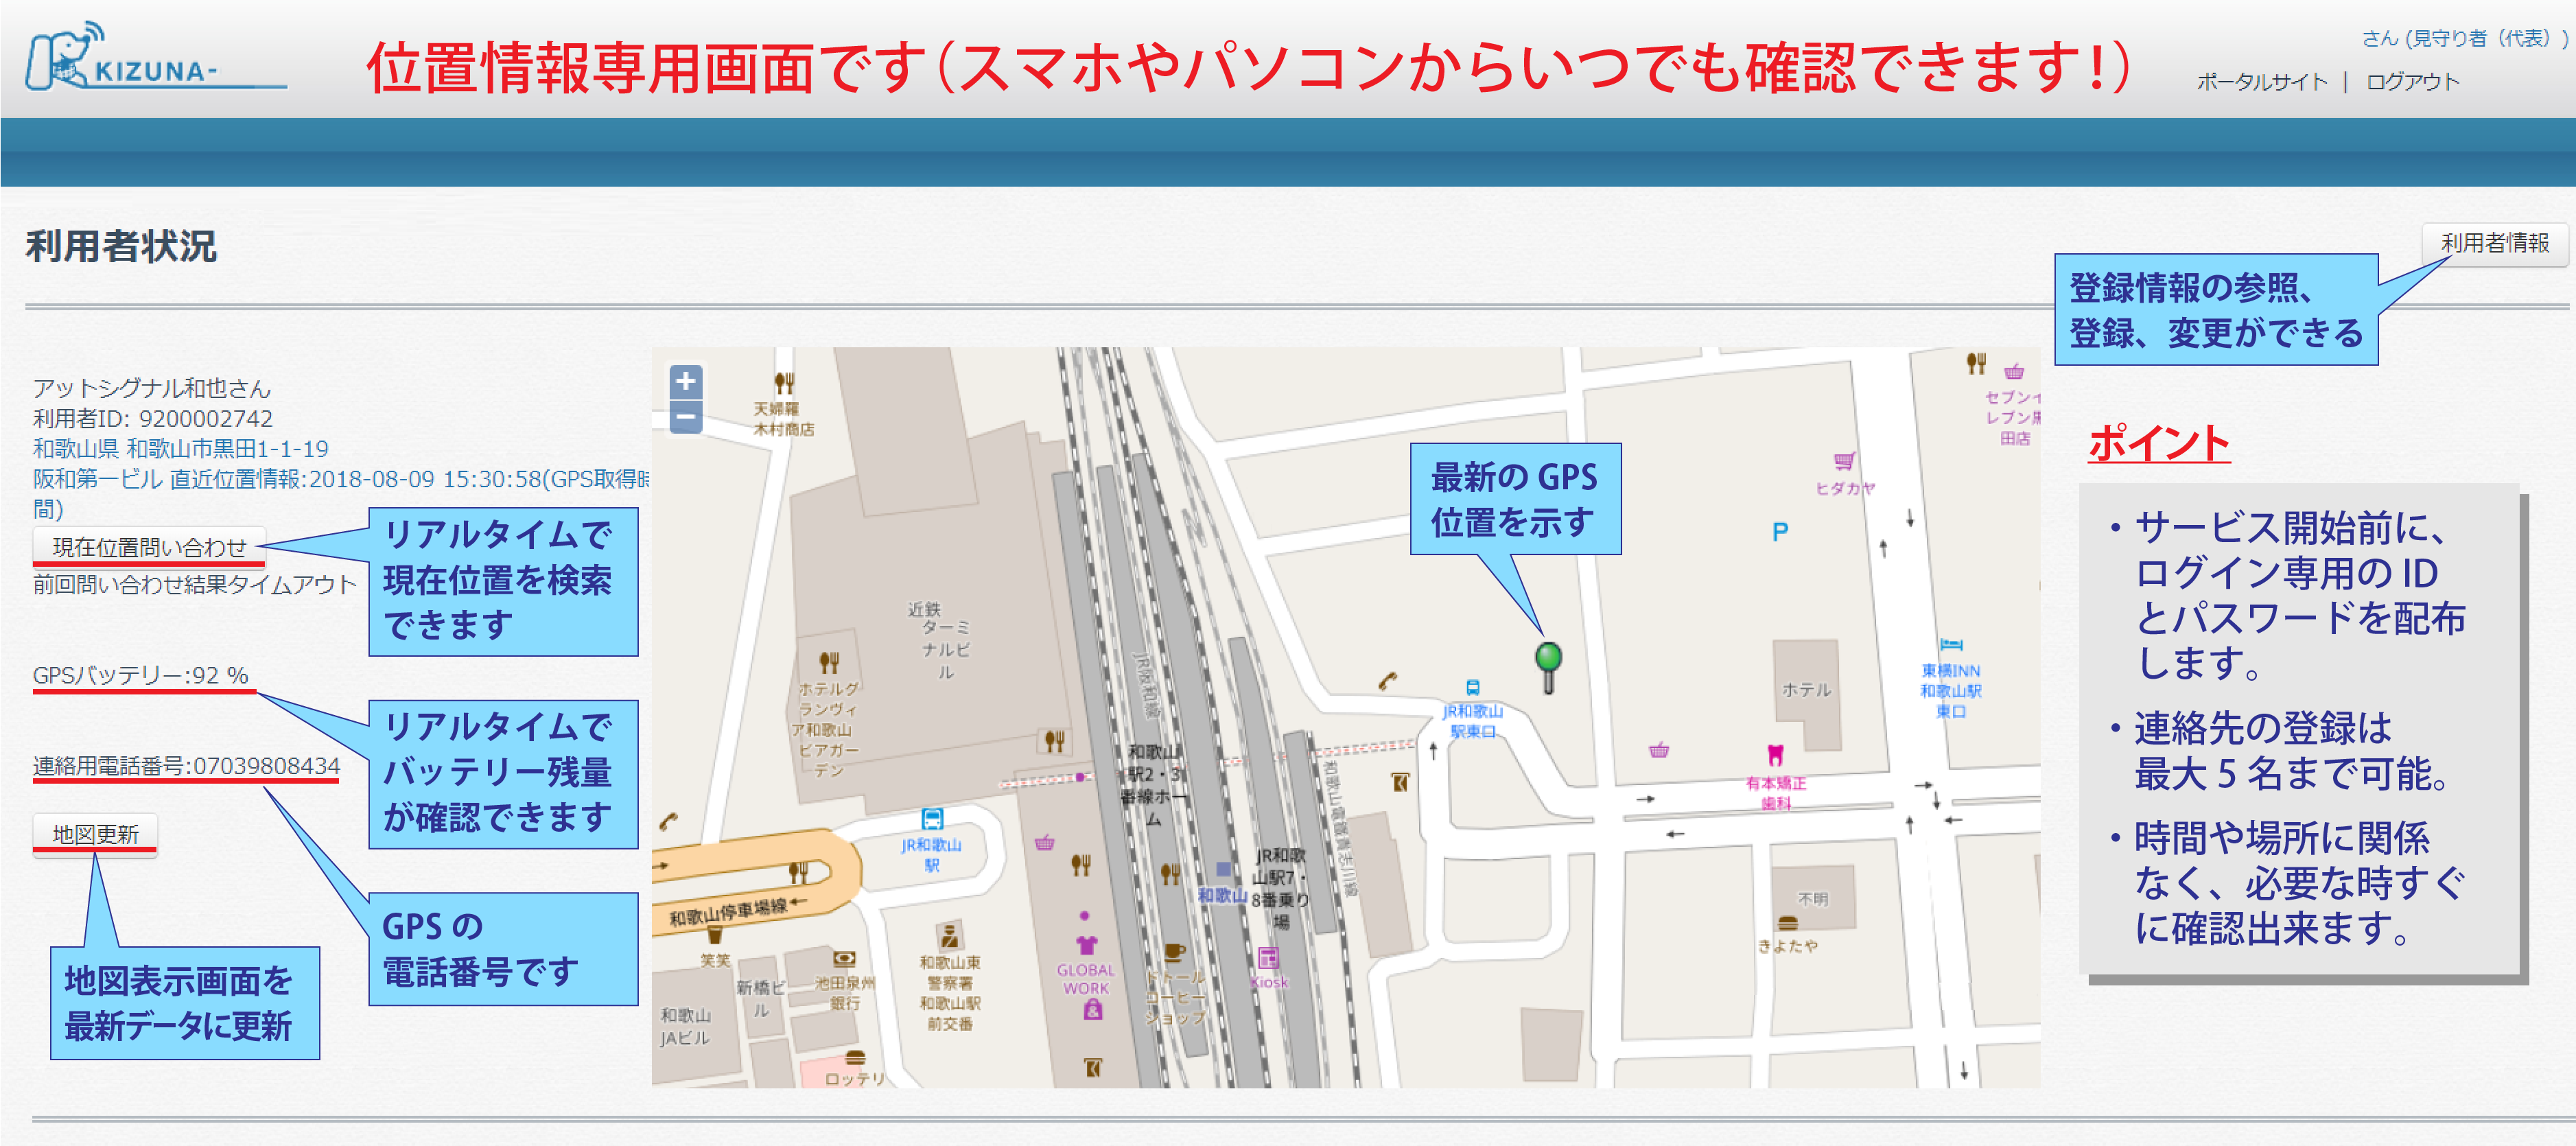 徘徊見守りサービス「絆GPS」クラウド画面、位置情報がマップからいつでも確認できます